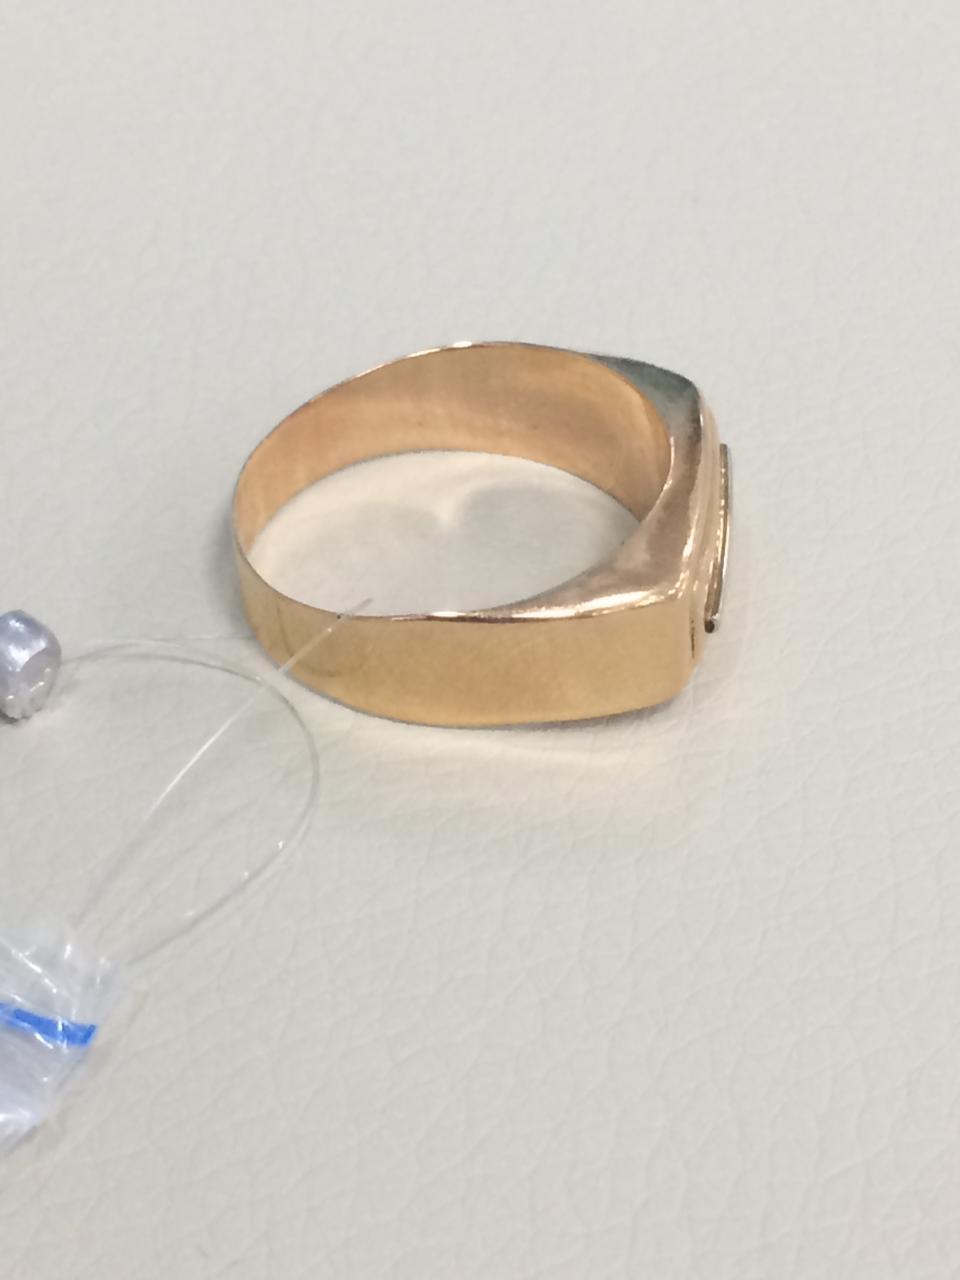 Кольцо мужское / красное золото - 20 размер - фото 3